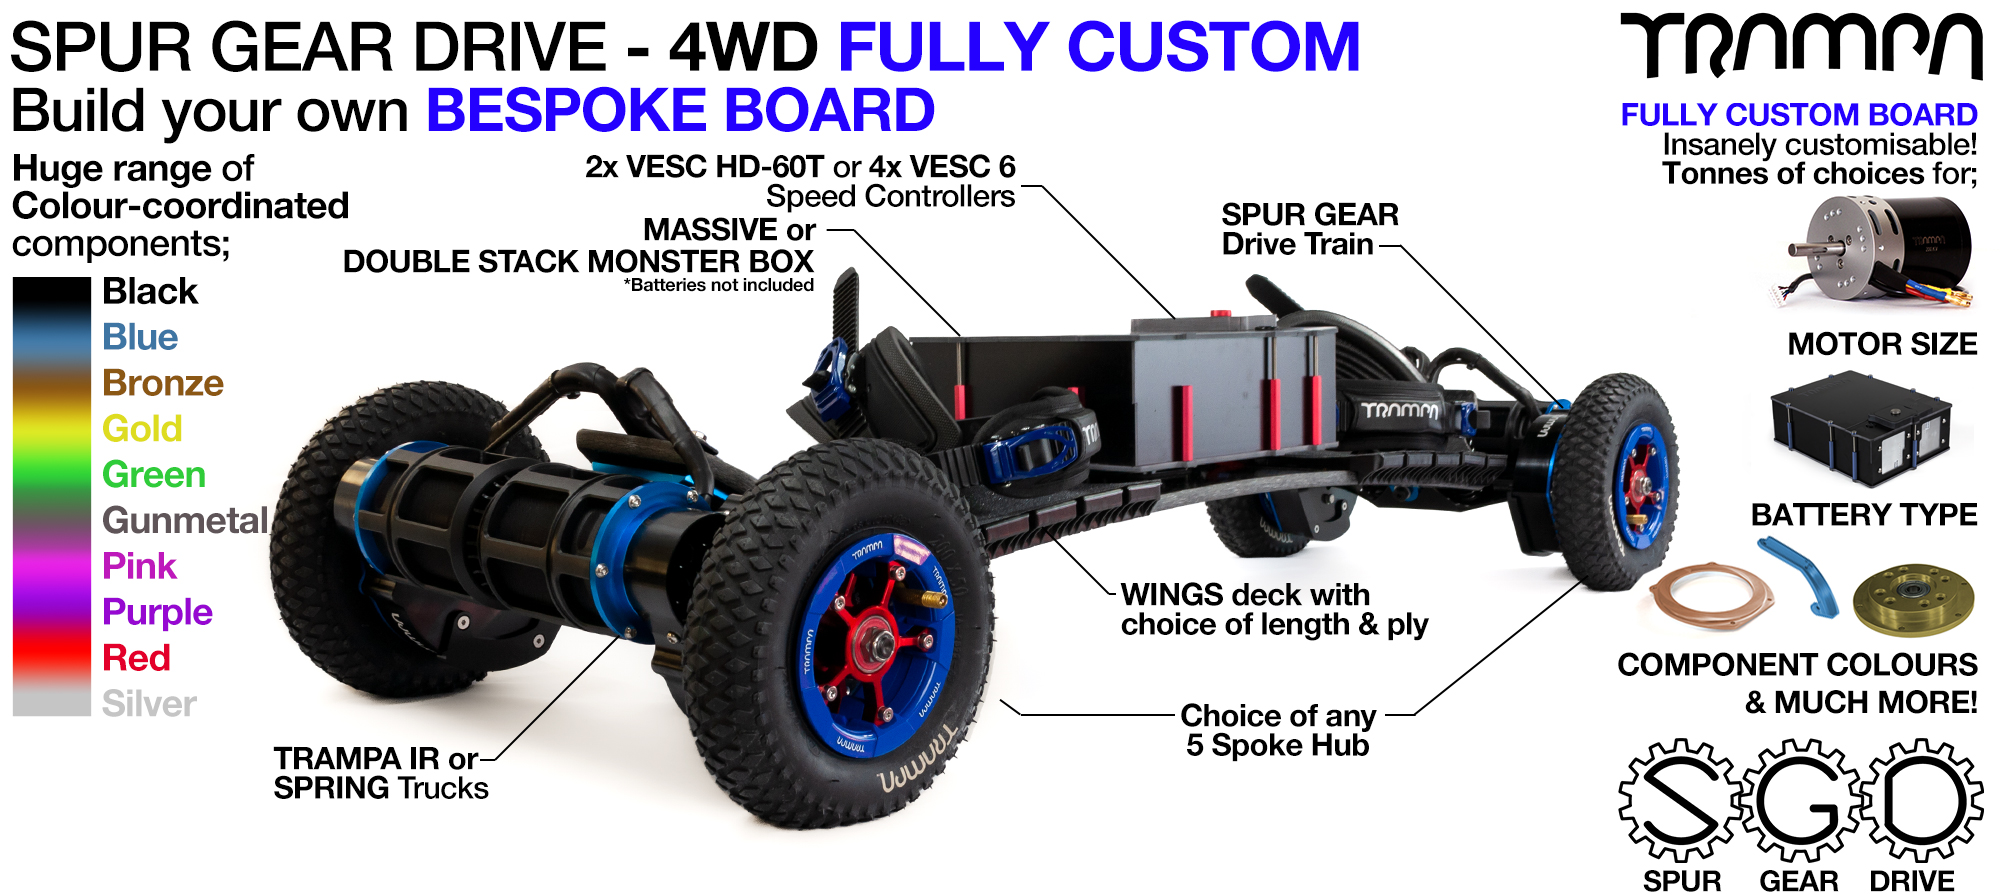 4WD SPUR GEAR DRIVE BIGBOI Electric TRAMPA Mountainboard - CUSTOM